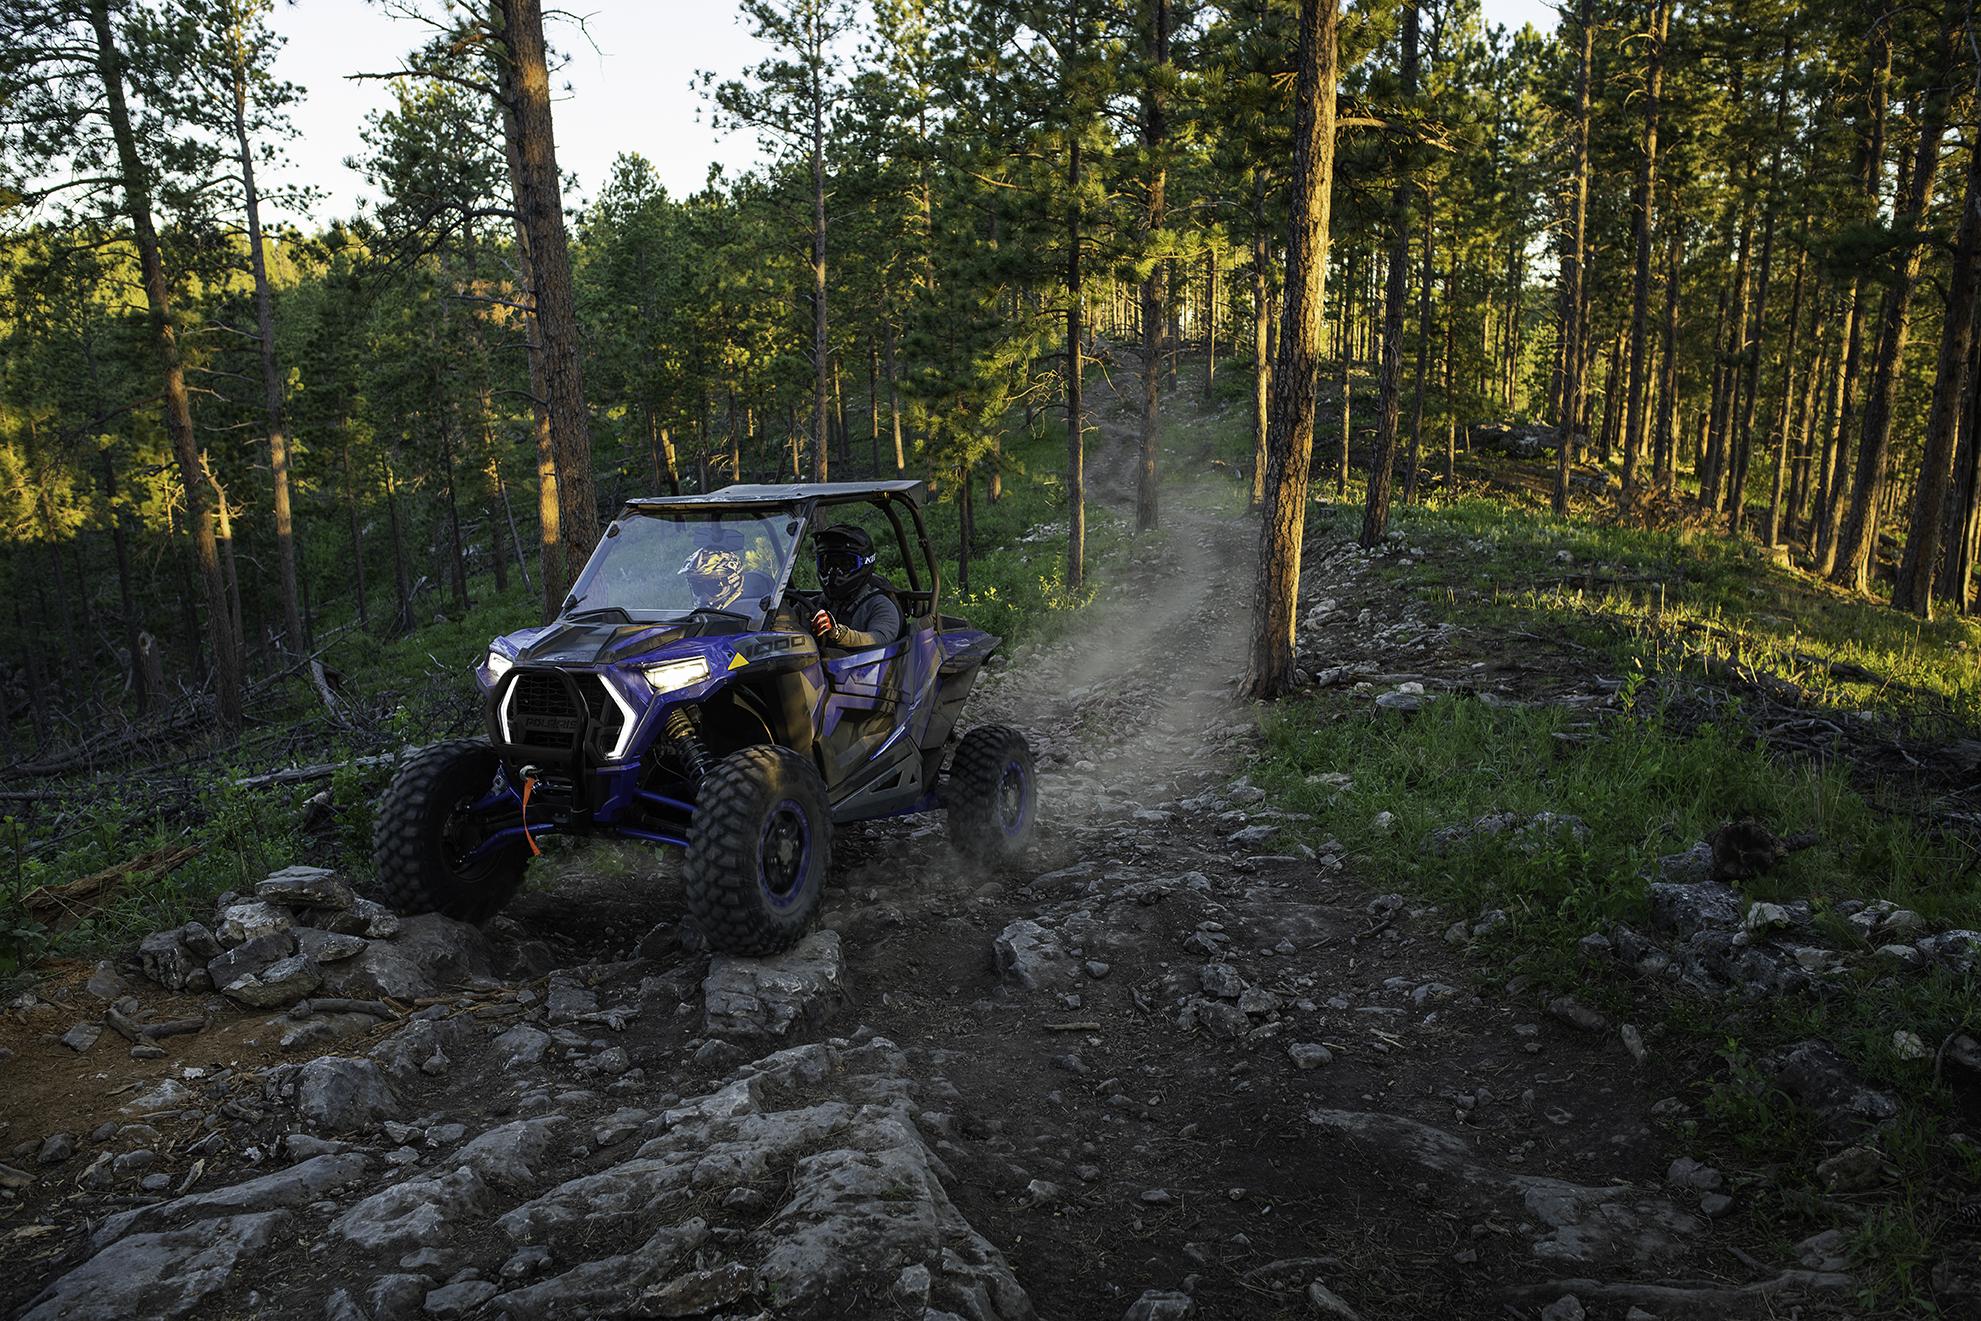 2021 Polaris RZR XP 1000 Trails & Rocks